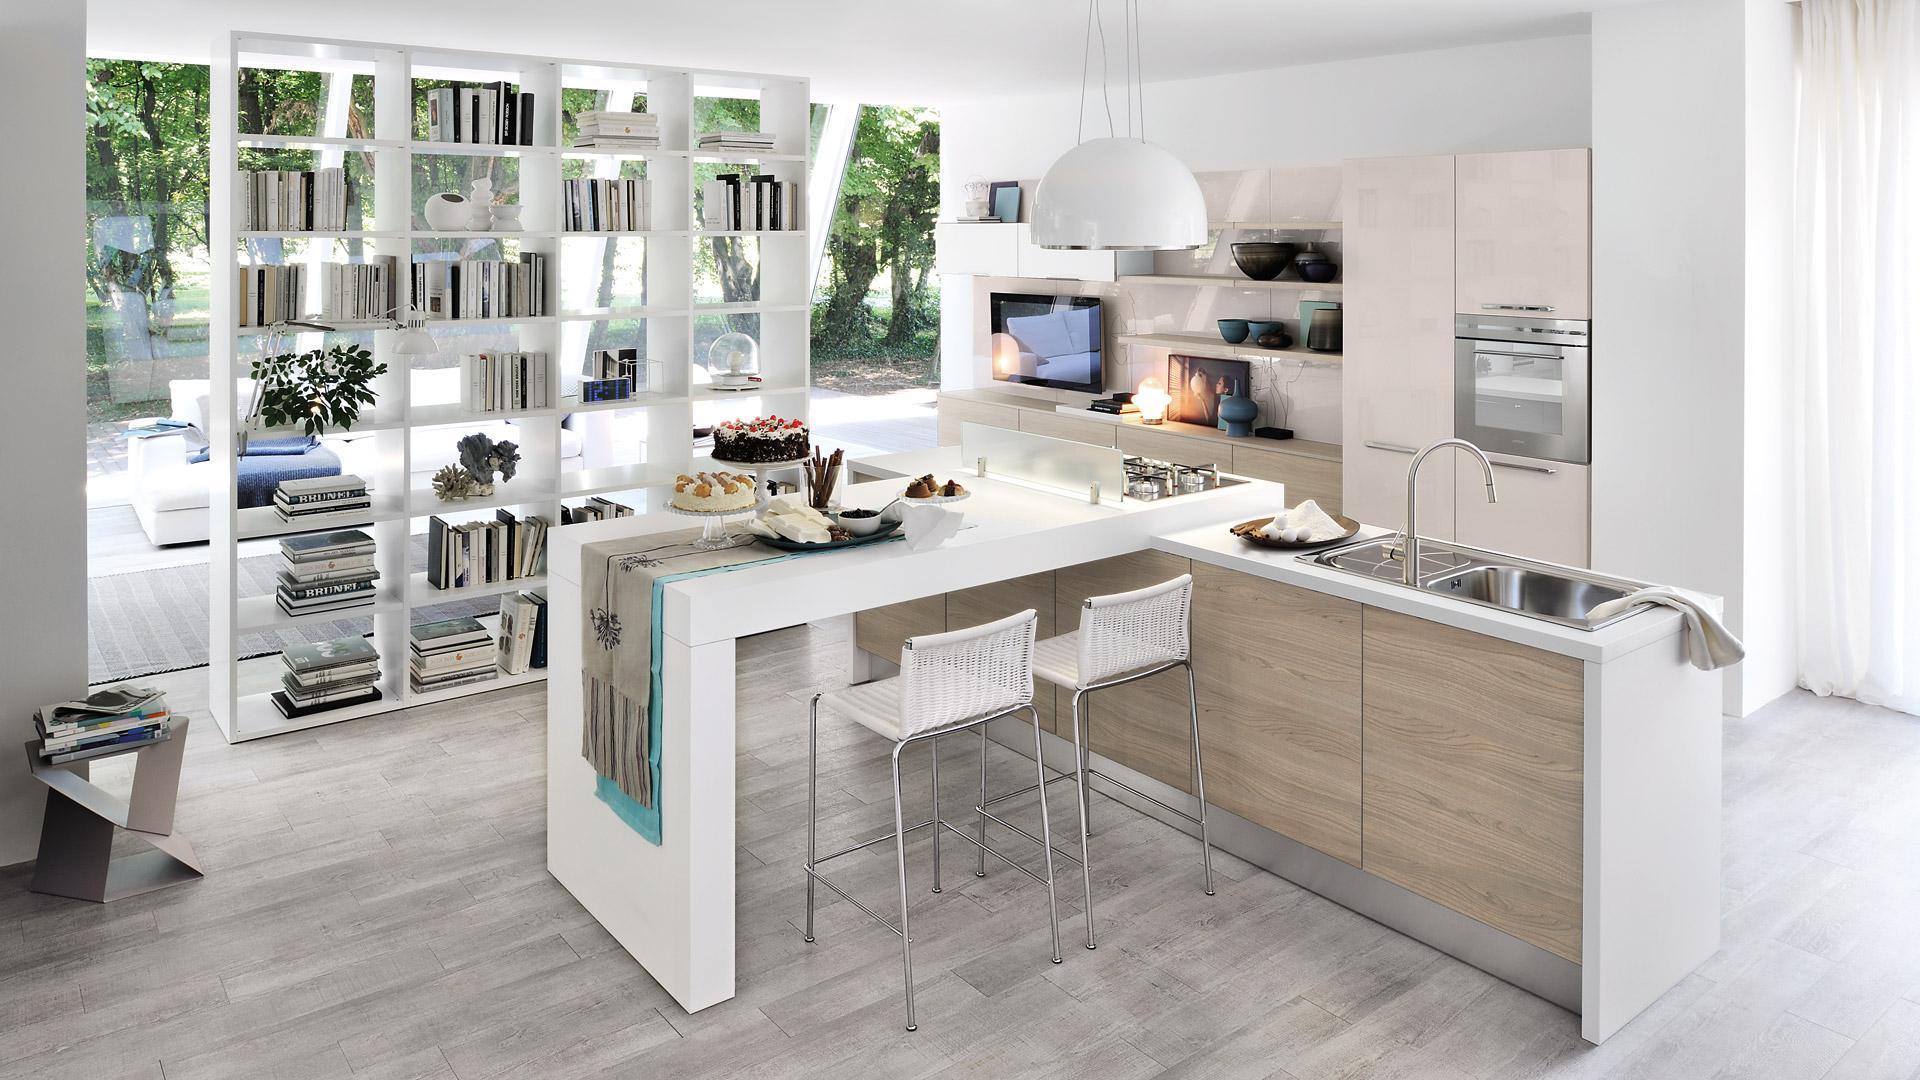 Cucine moderne lube cappelle dei marsi avezzano for Oggetti per cucina moderna